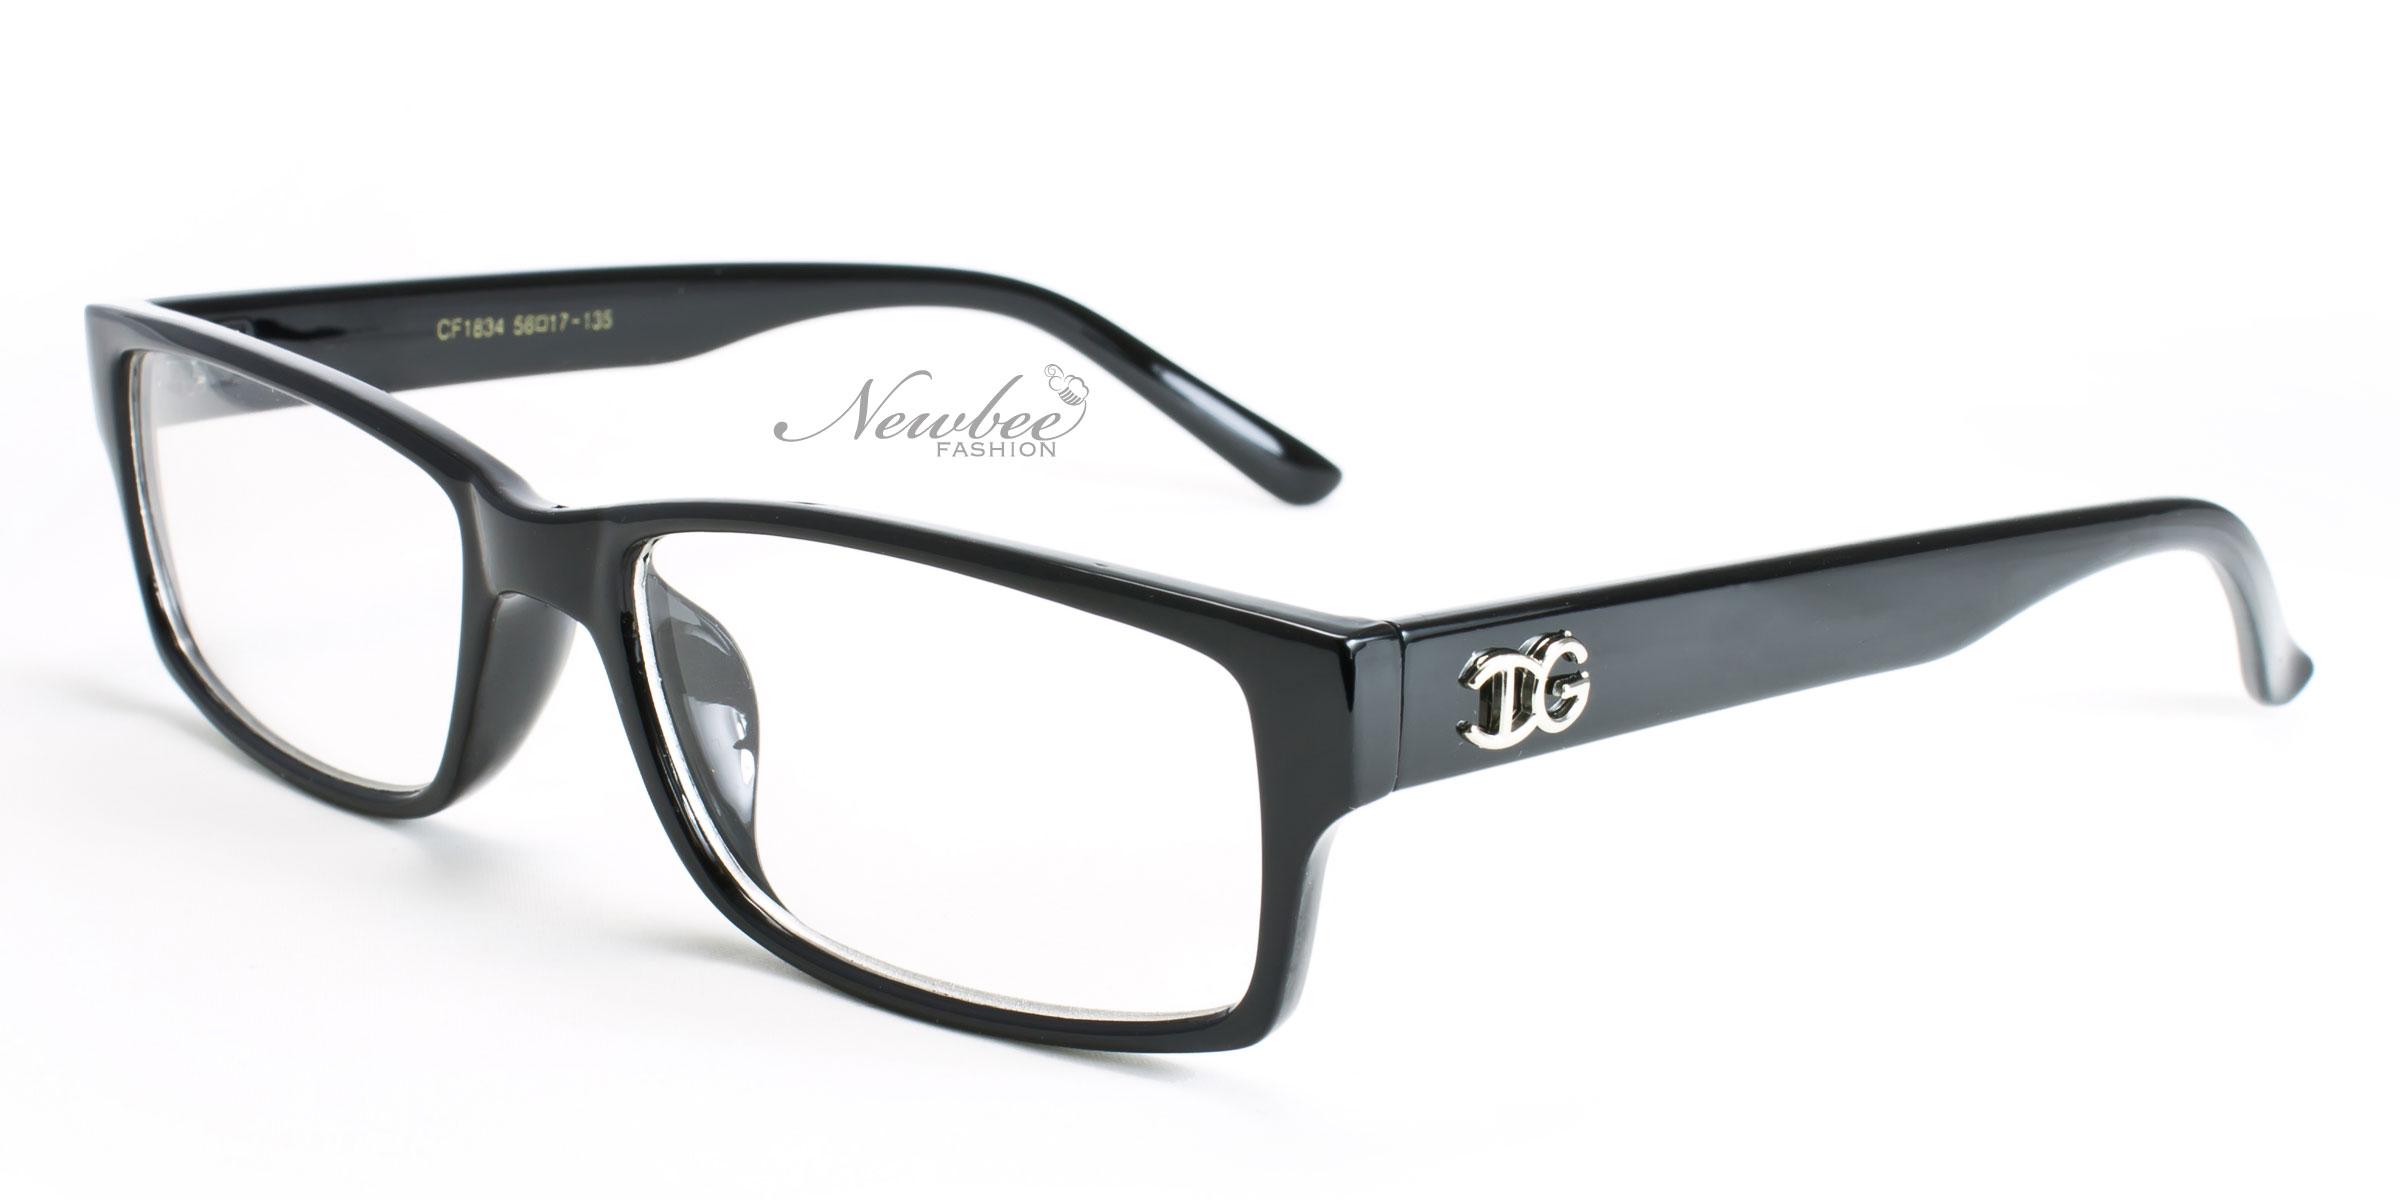 Black Frame Glasses Without Prescription : Black Clear Lens Glasses Men Women Unisex Classic Non ...